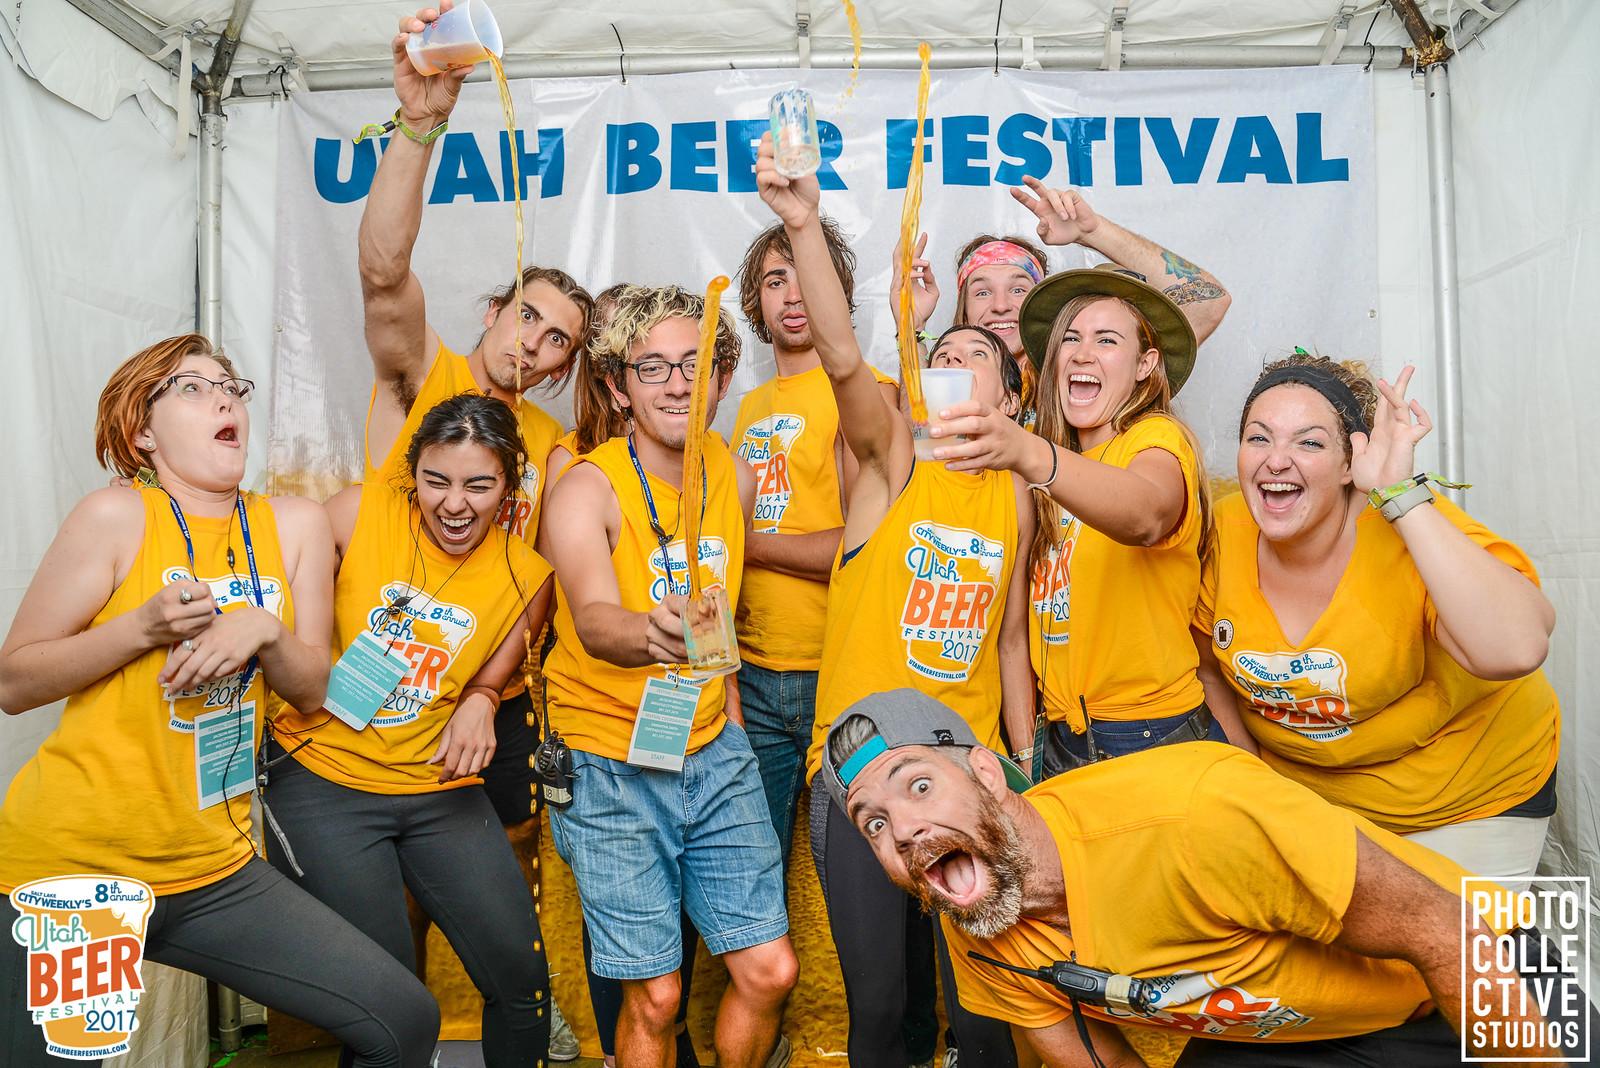 2017.8.19-20_CityWeekly_Beerfest-75-X3.jpg